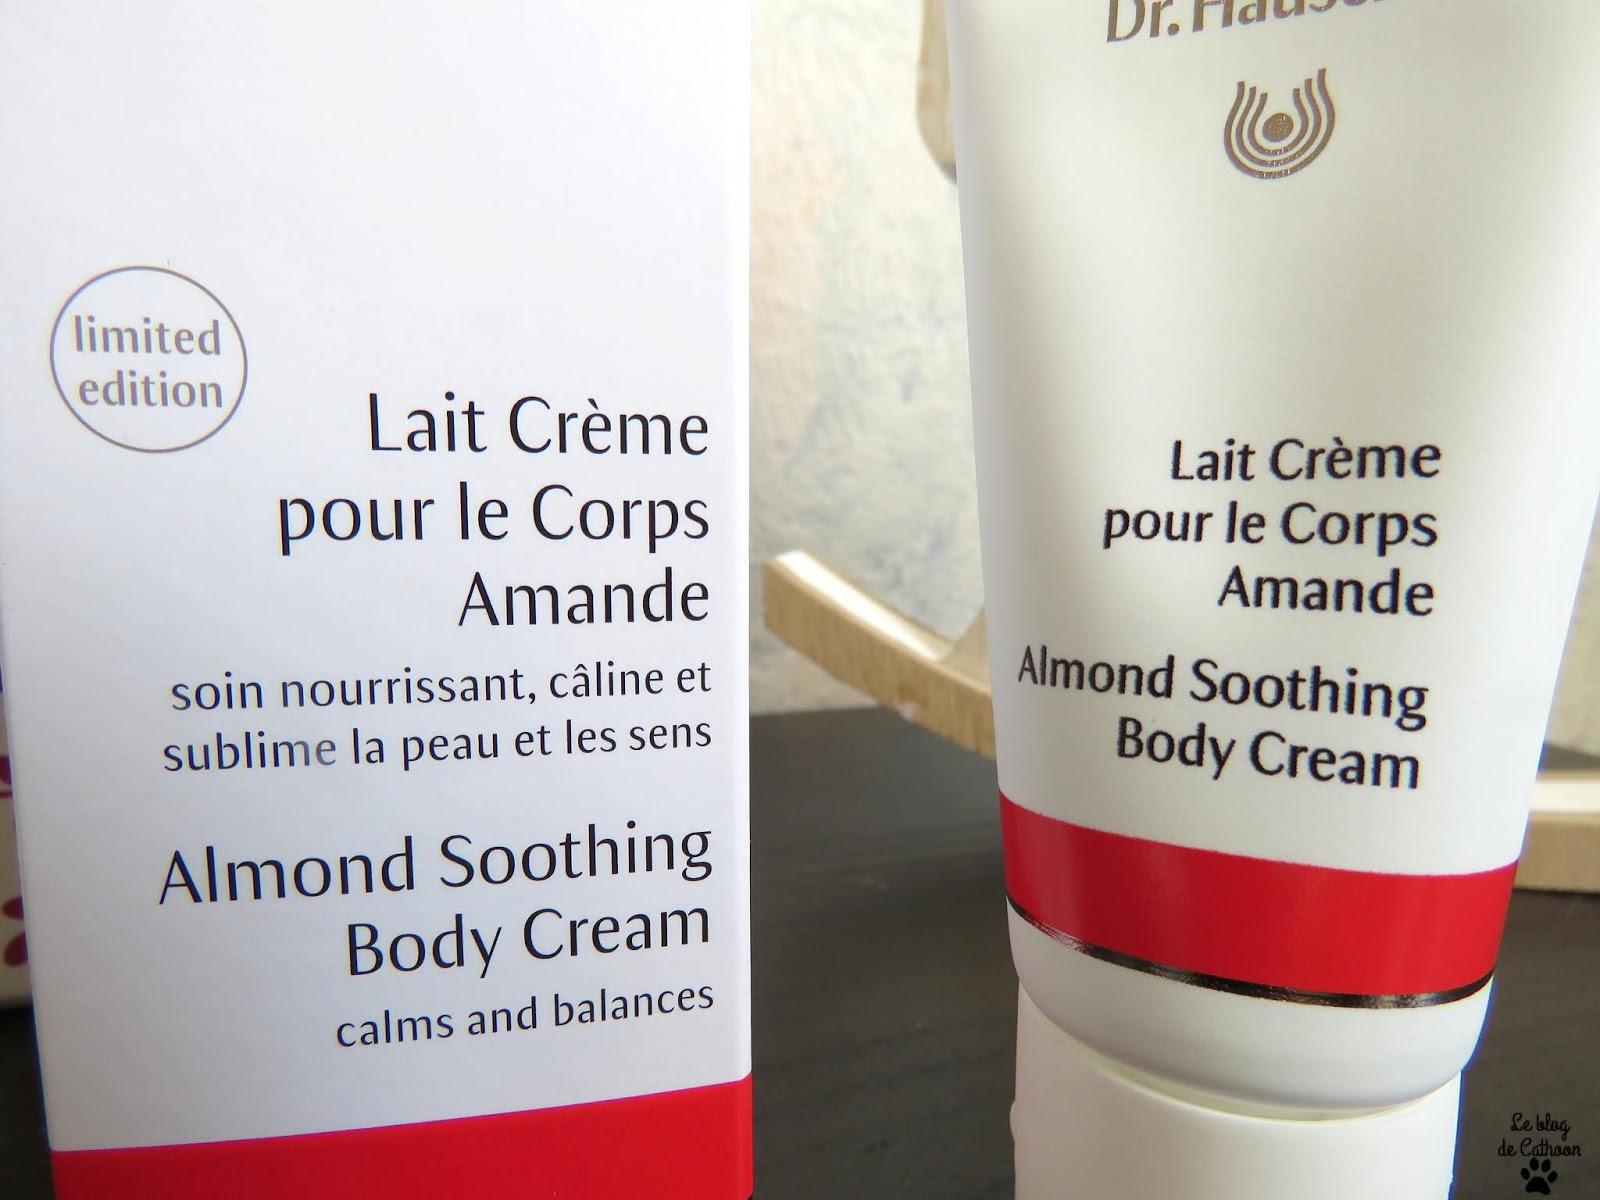 Lait Crème pour le Corps Amande - Dr Hauschka